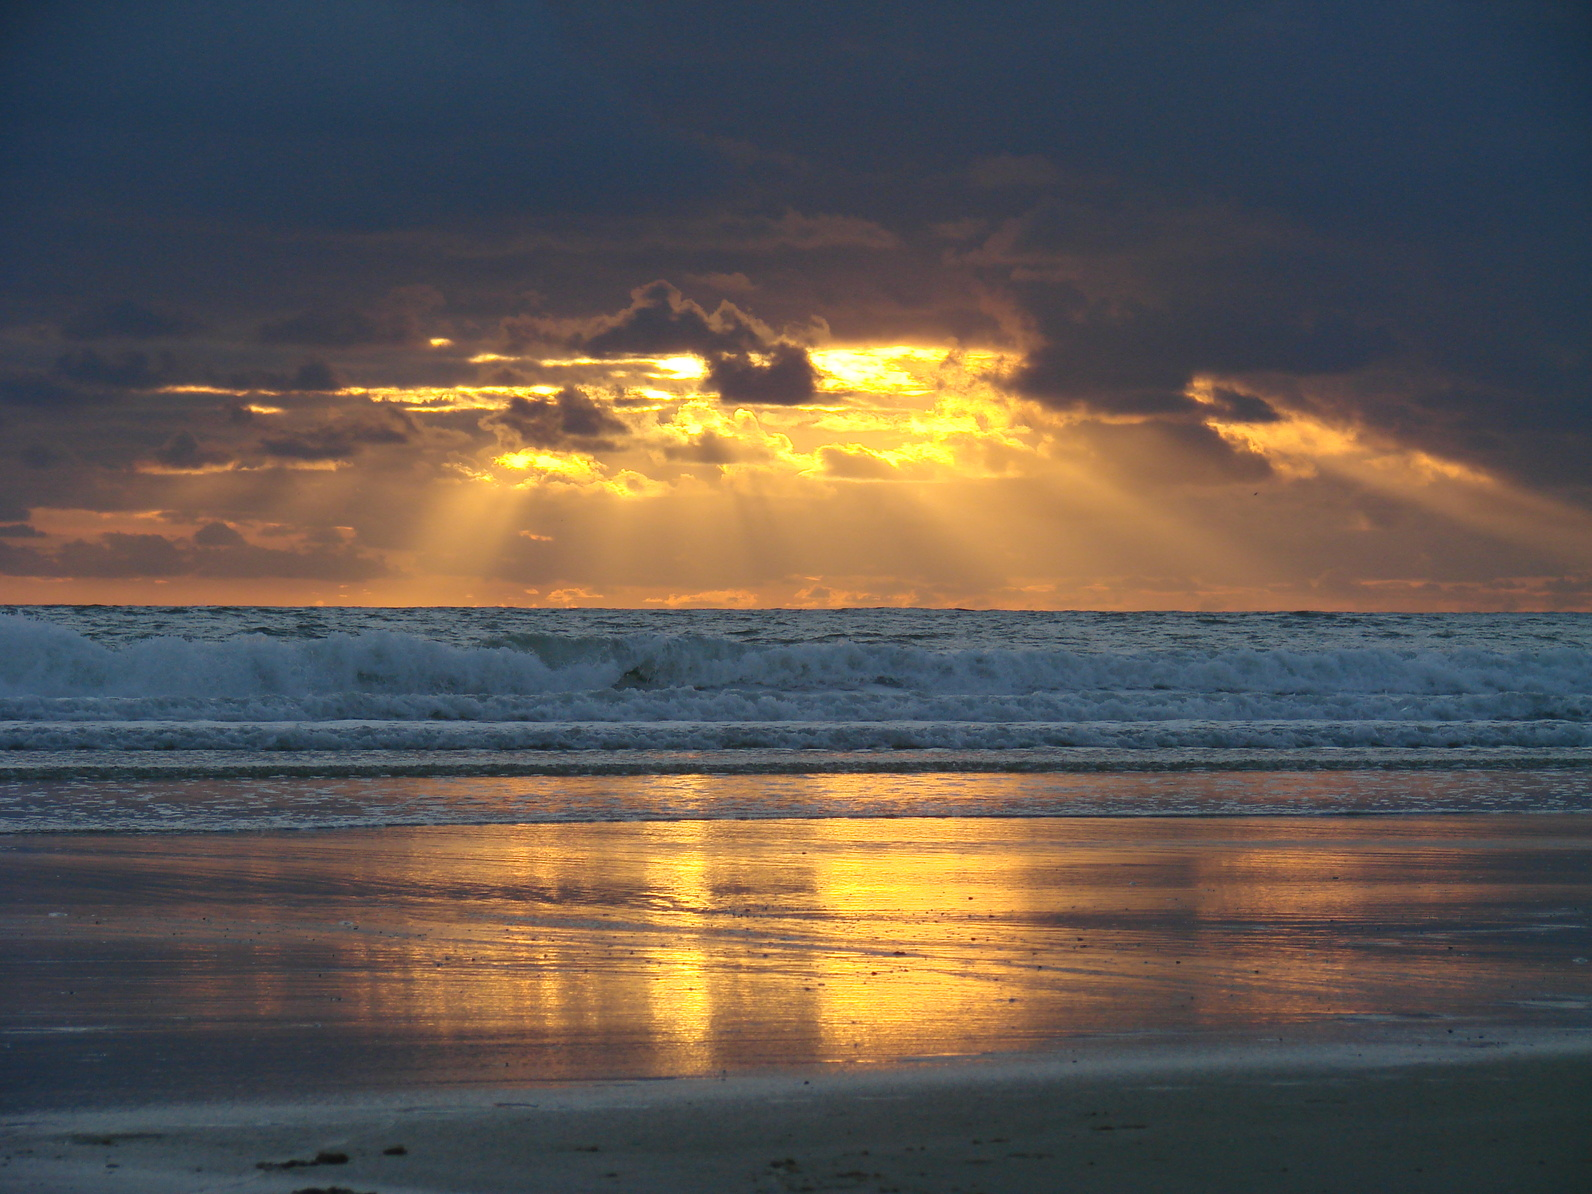 Sunrise At The Beach Quotes. QuotesGram